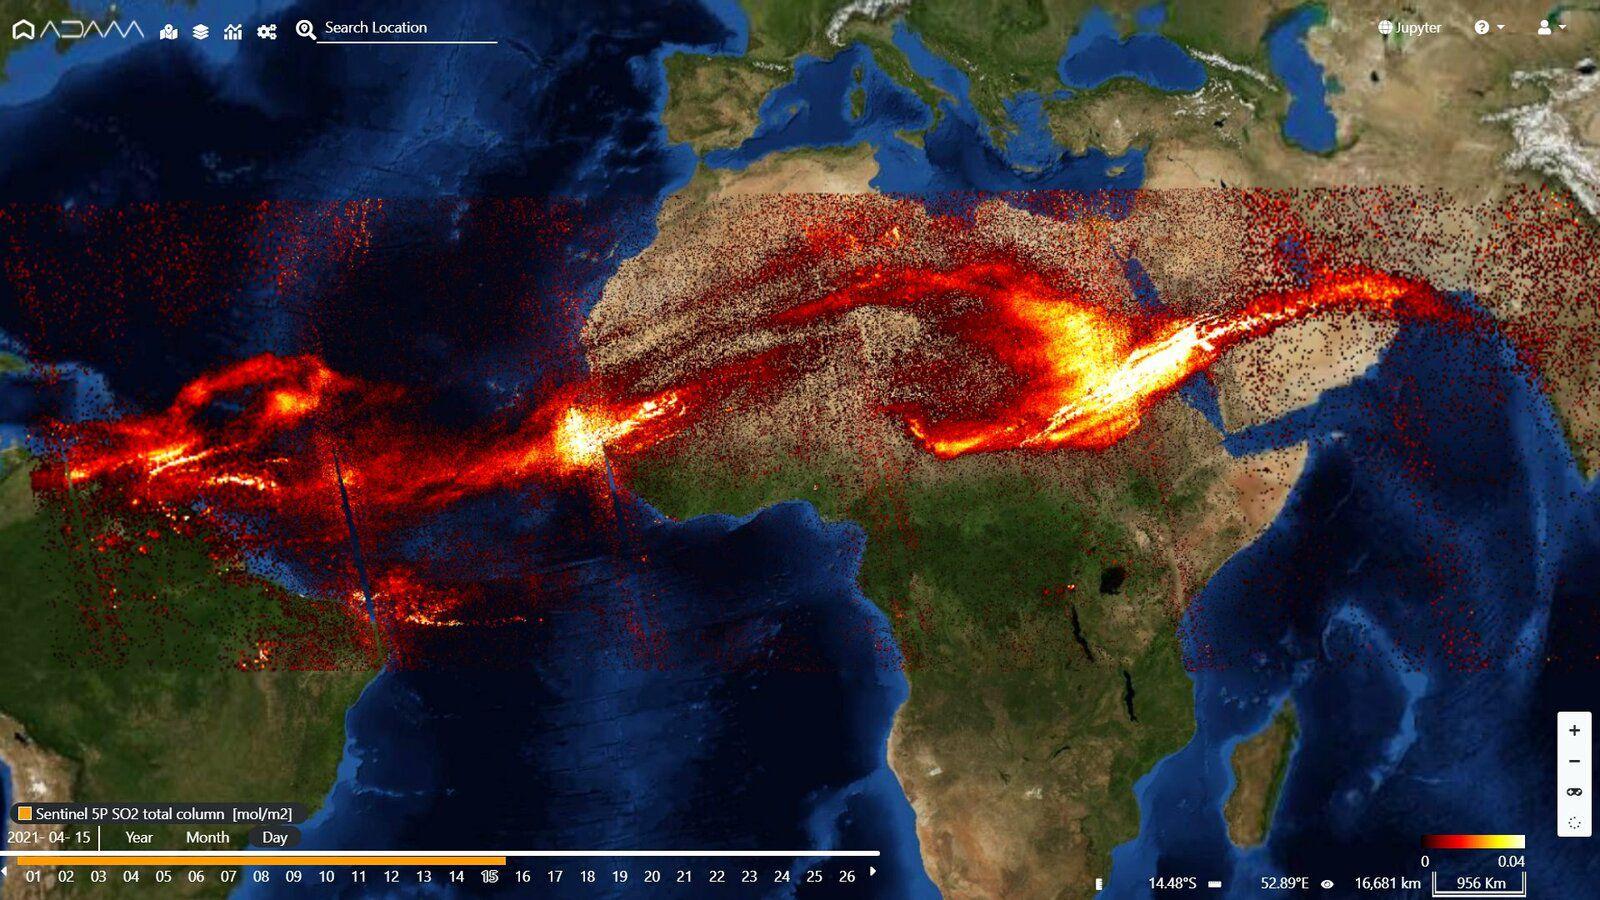 Les émissions de SO2 de la Soufrière, après avoir traversé l'Atlantique, atteignent l'Inde ce 15.04.2021 - image Sentinel 5P - via Adam Platform